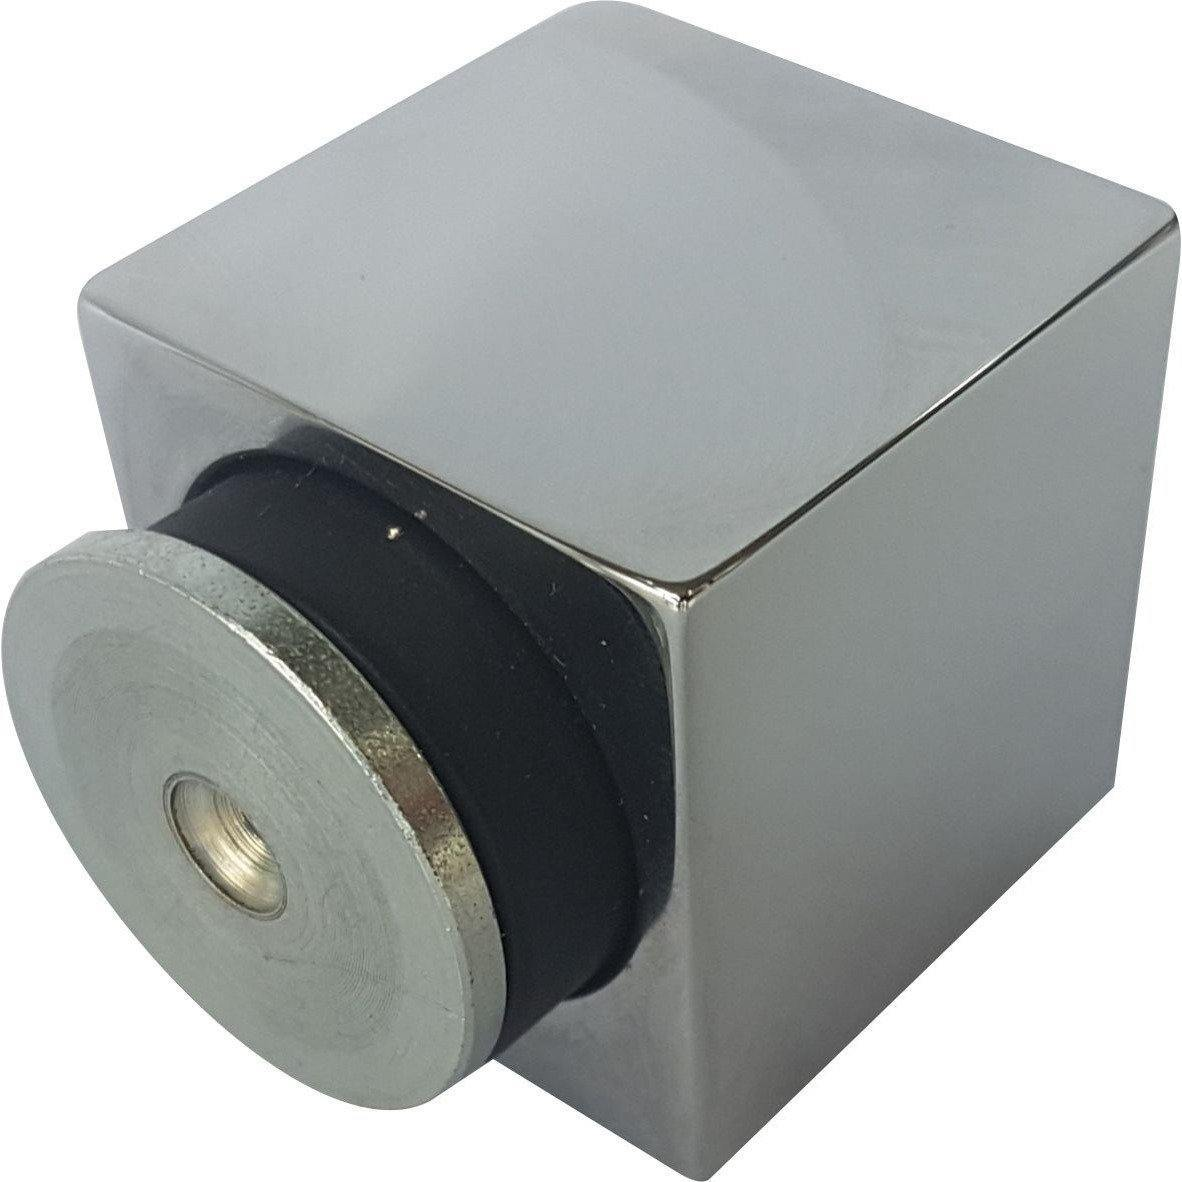 Italian magnetic door stop - cube